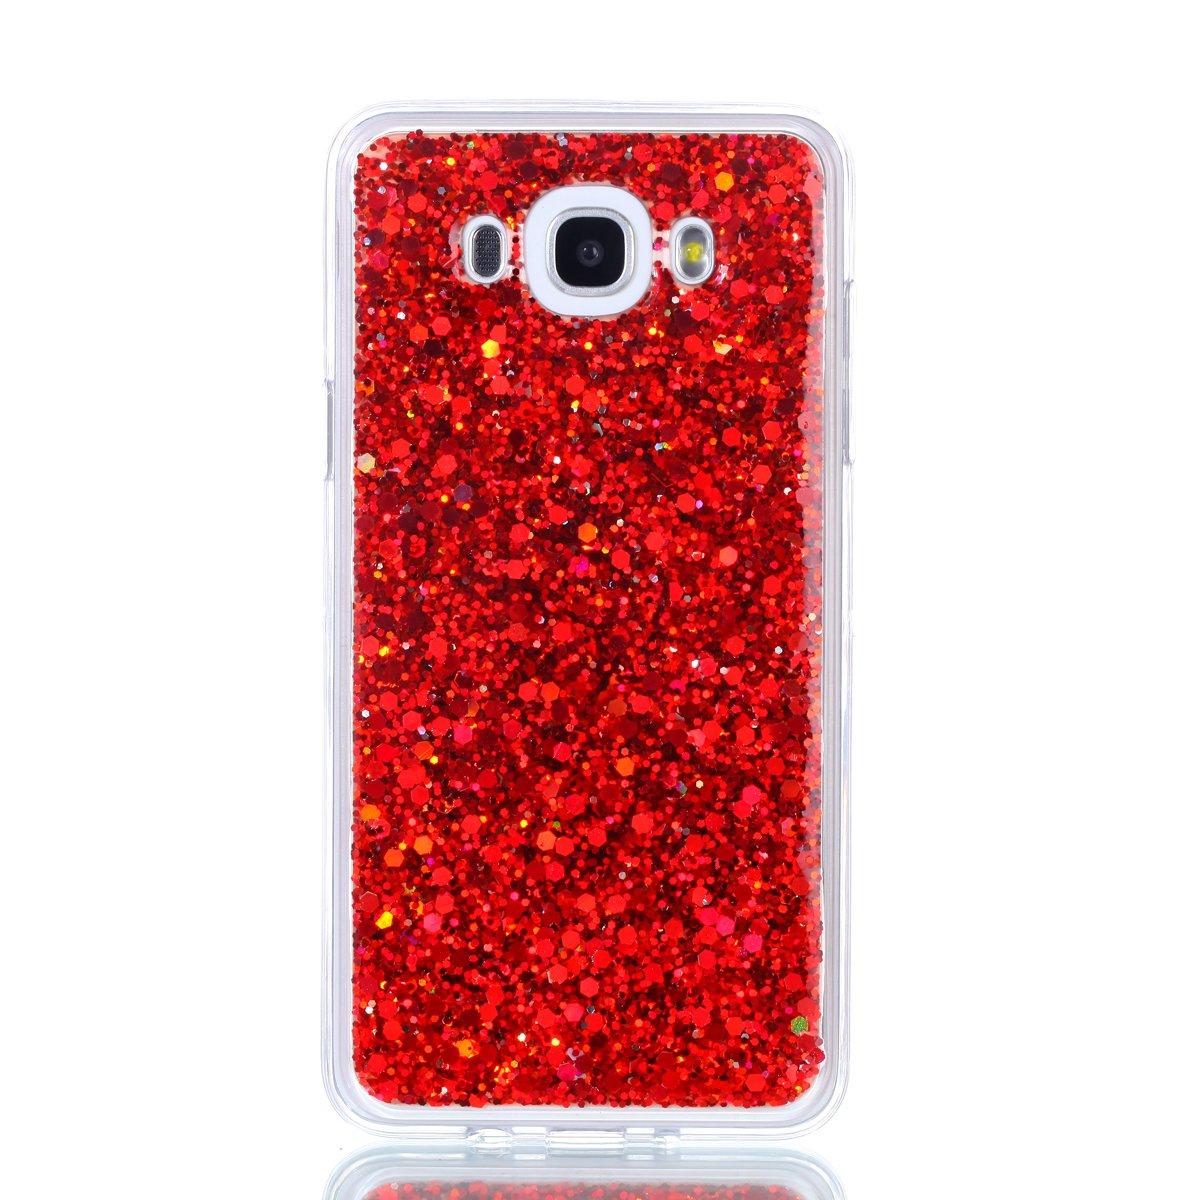 - Rosa #3 Shock-Absorption Morbida TPU Silicone Cover Glitter Bling Custodia Case Protezione Posteriore Backcover Ultra Sottile Gel Caso ISAKEN Compatibile con Samsung Galaxy J7 2016 Custodia